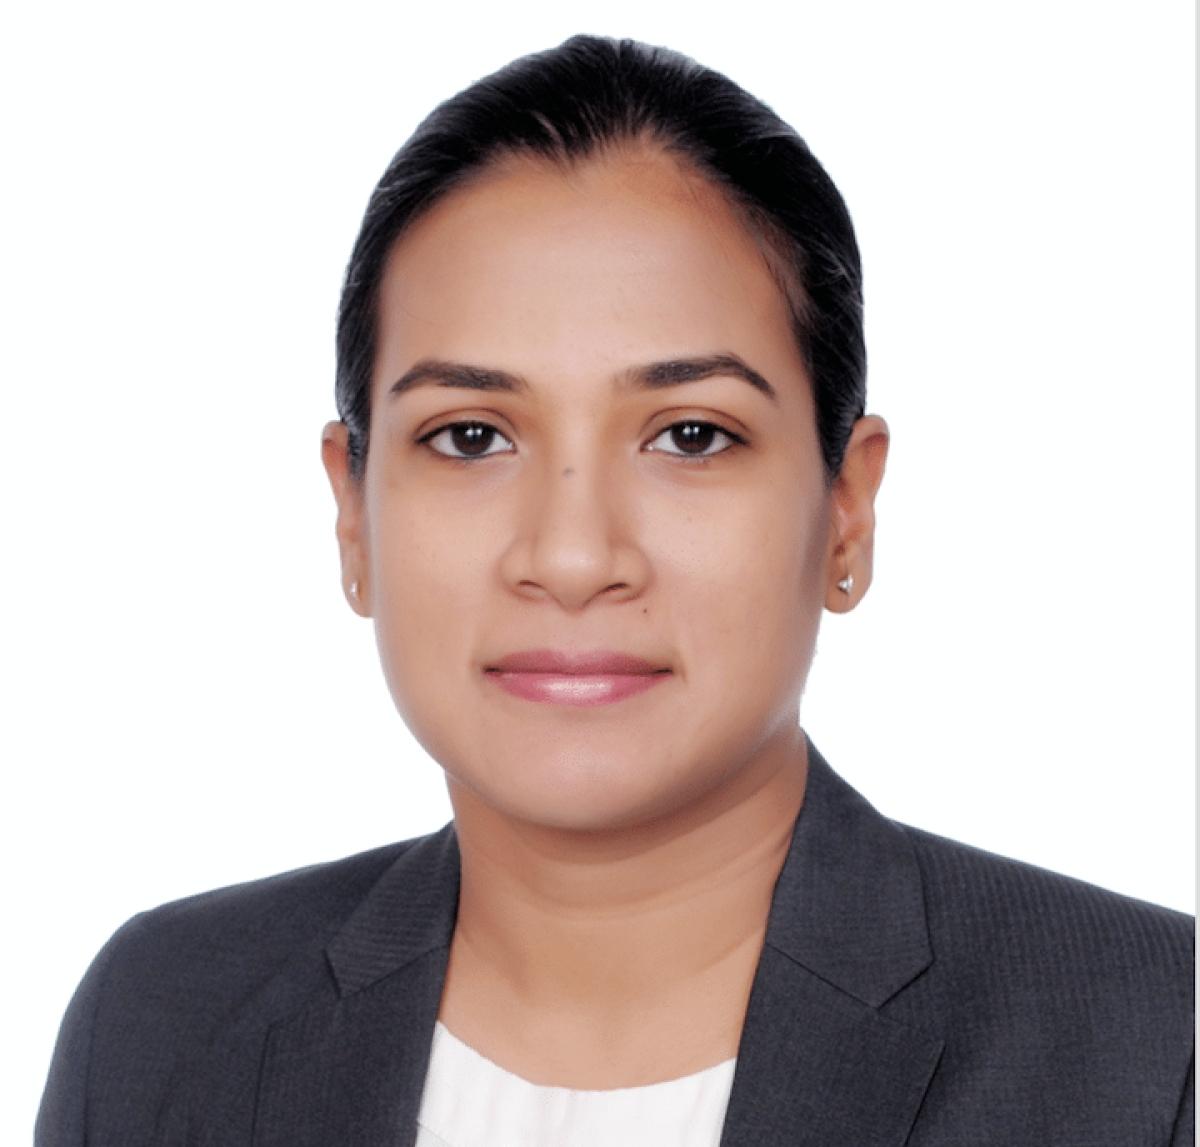 Former AZB Partner Shyamali Singh joins DSK as Head of Knowledge Management